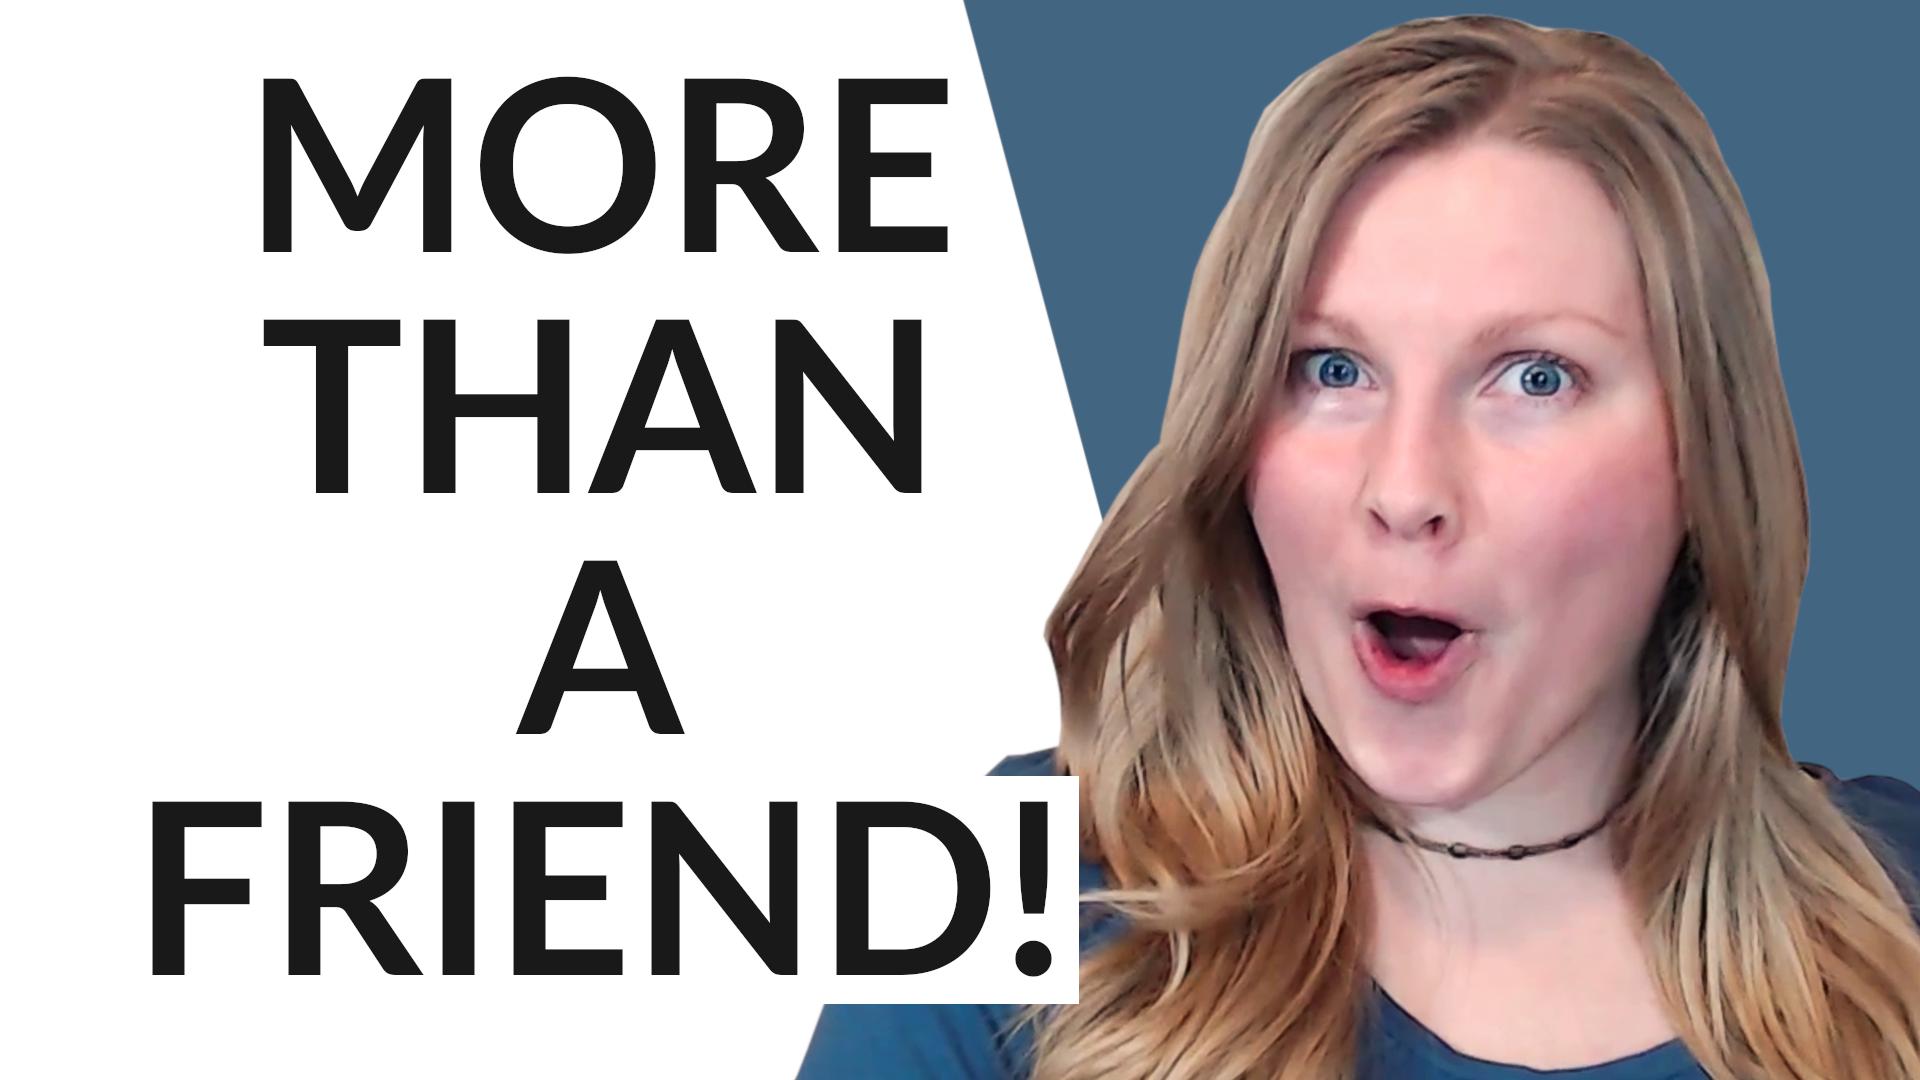 Signs She Likes You More Than a Friend | Coach Melannie